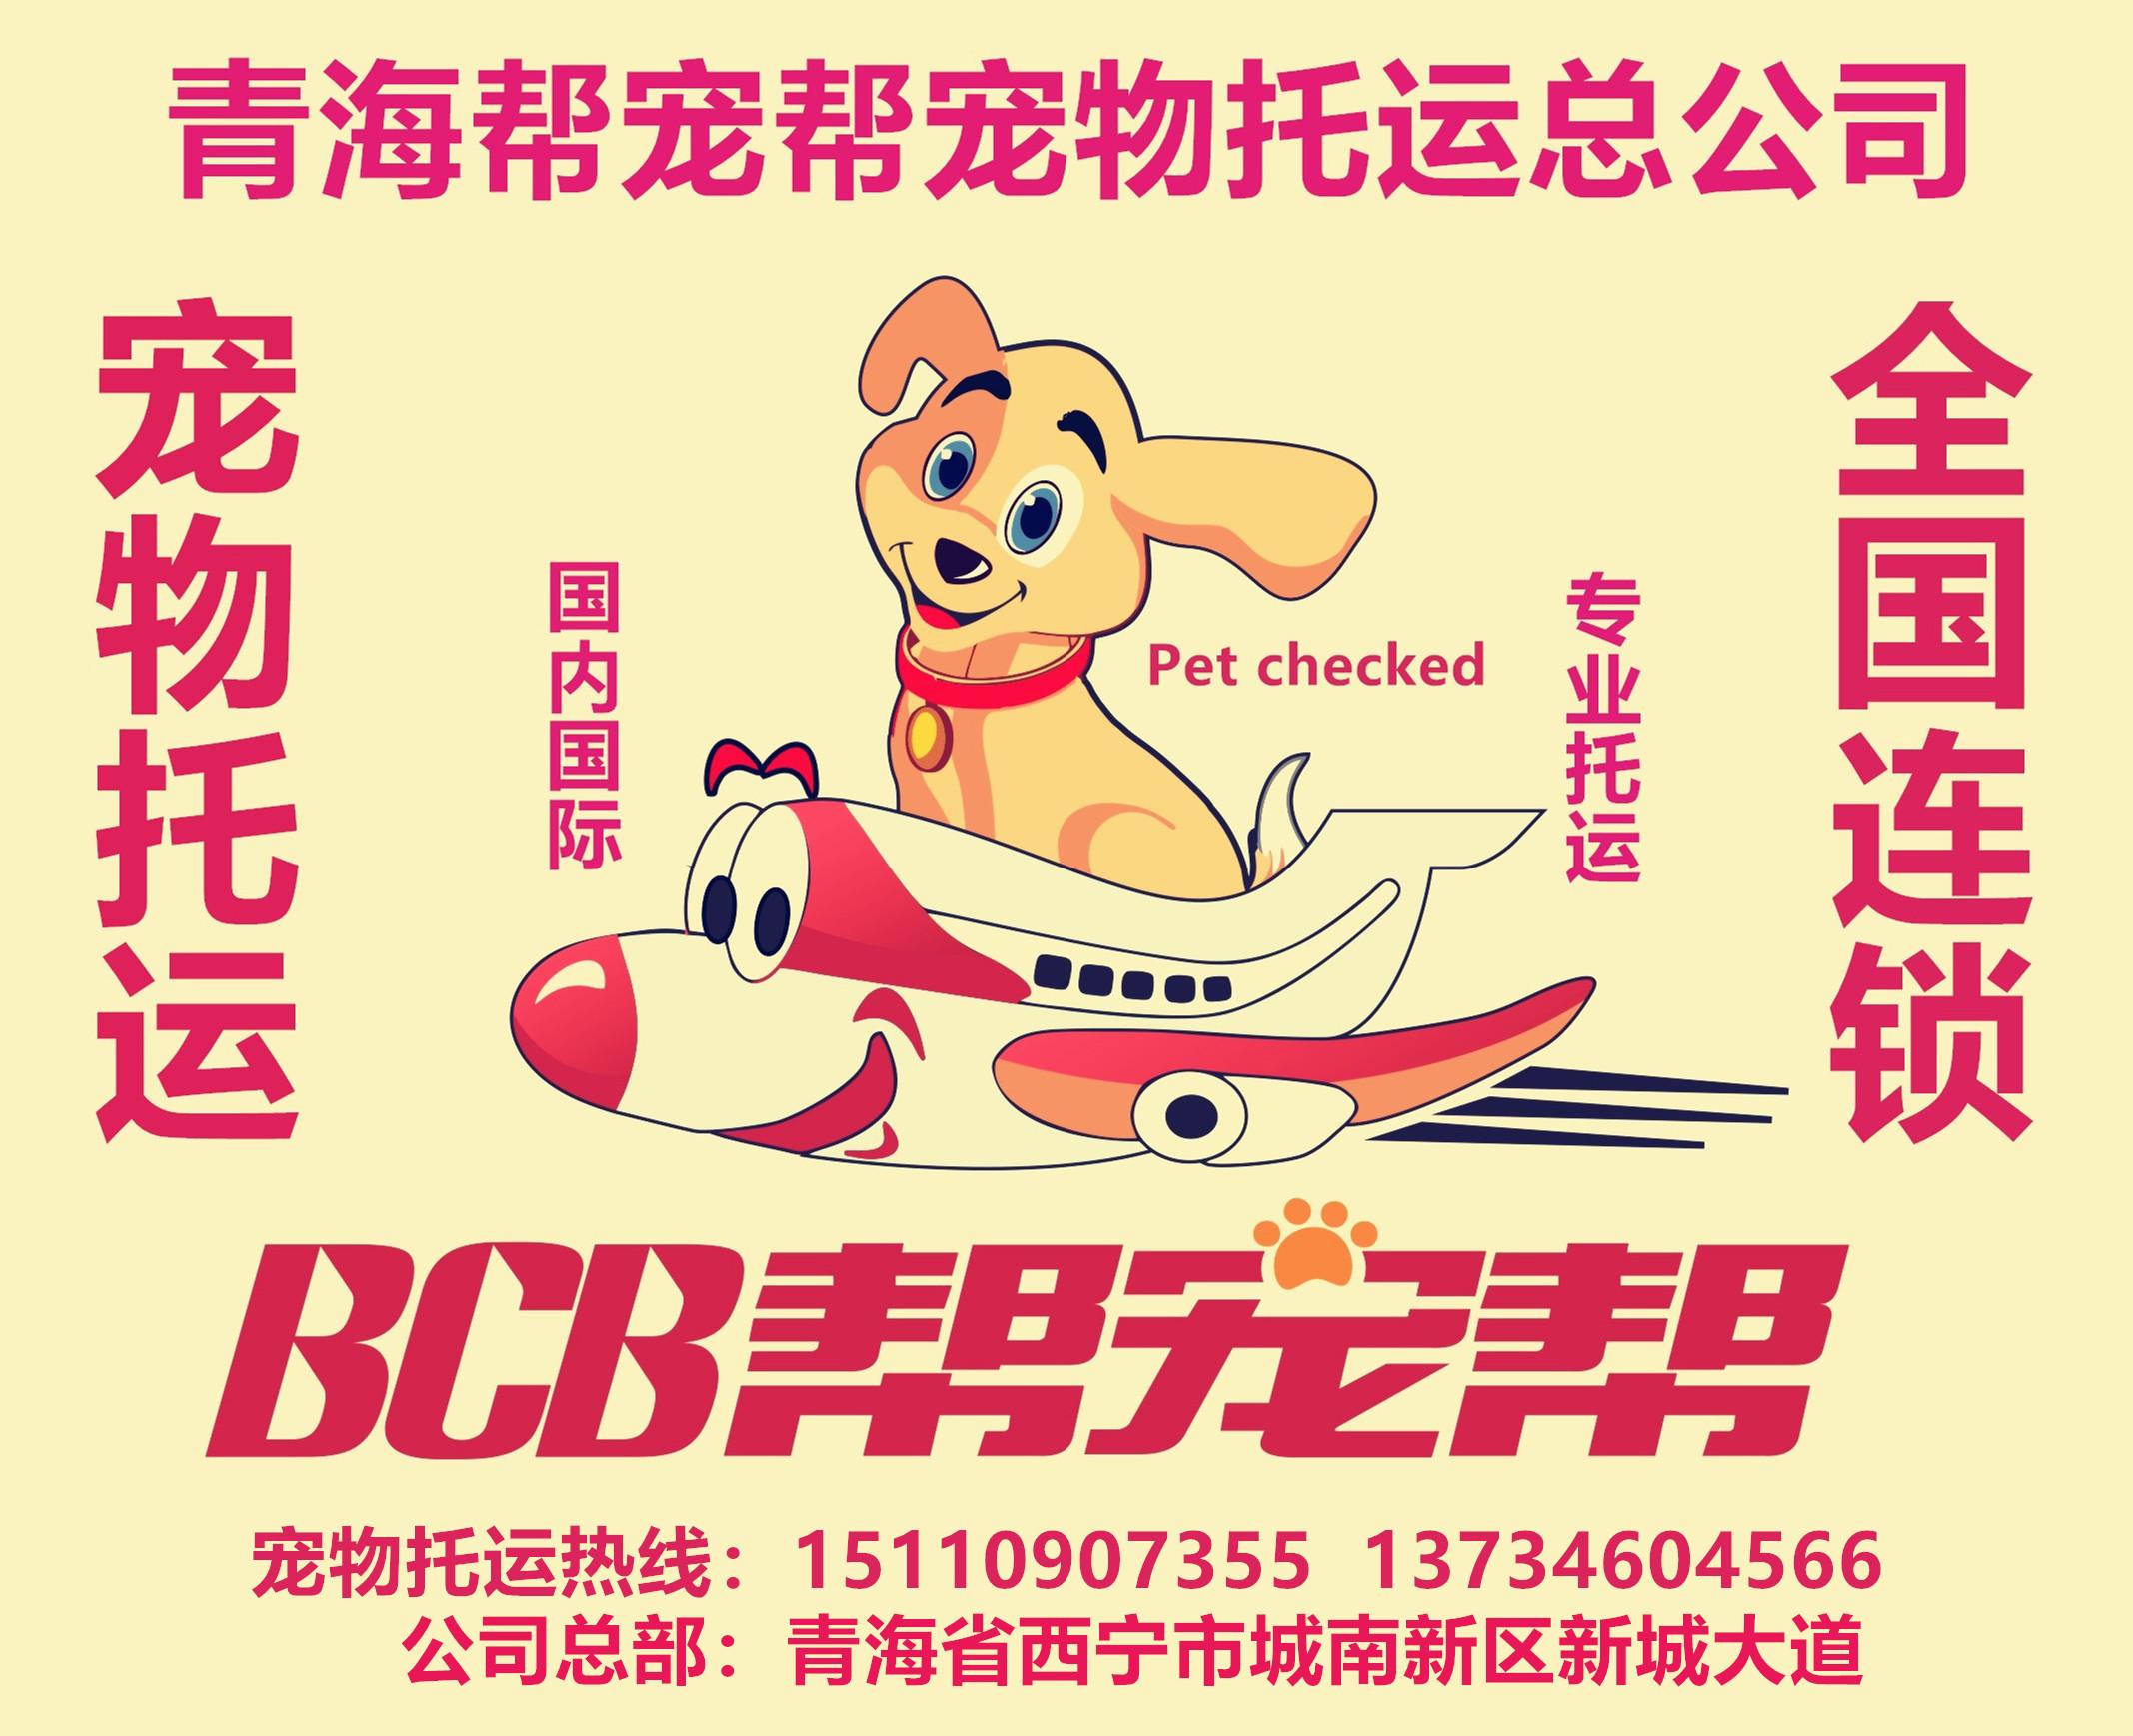 西宁宠物托运公司正规专业的帮宠帮宠物托运公司